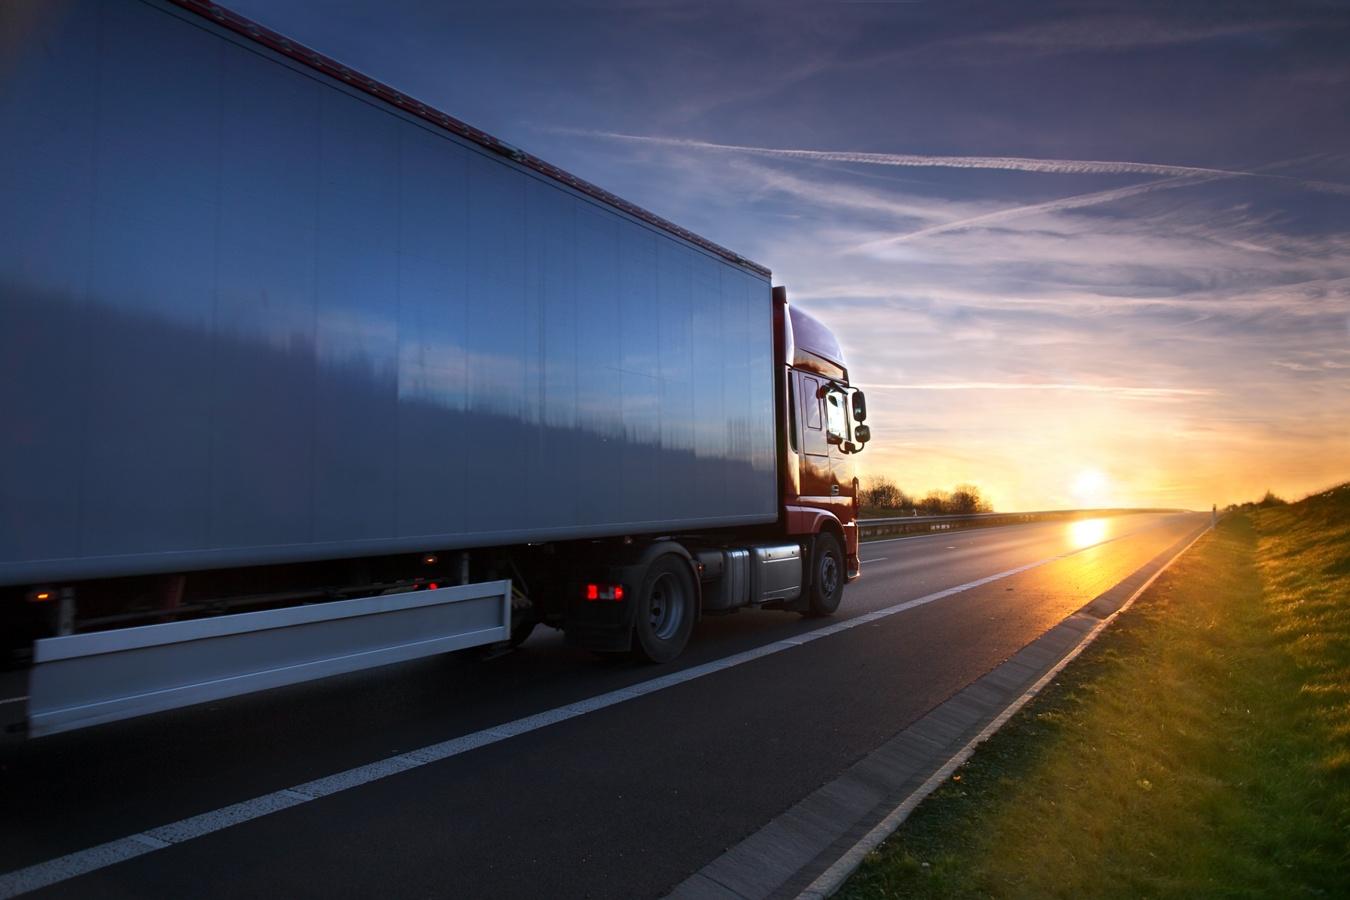 Ważenie-pojazdów-z-użyciem-wagi-samochodowej,-czyli-zarządzanie-awizacjami.